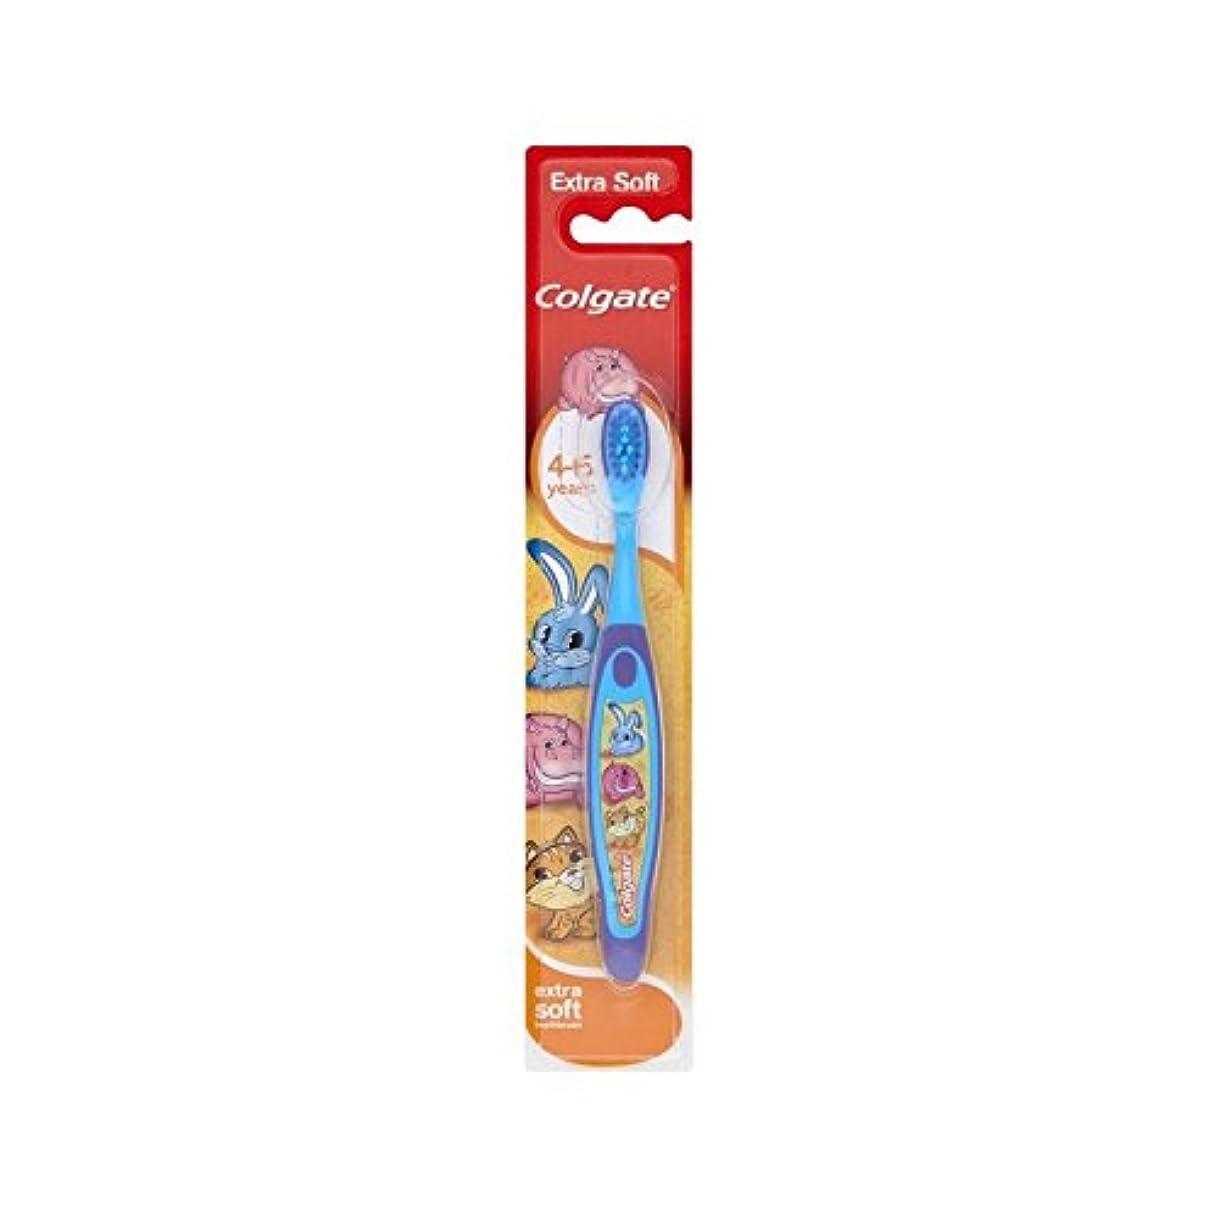 手伝うミスルアー4-6歳の歯ブラシを笑顔 (Colgate) (x 4) - Colgate Smiles 4-6 Years Old Toothbrush (Pack of 4) [並行輸入品]